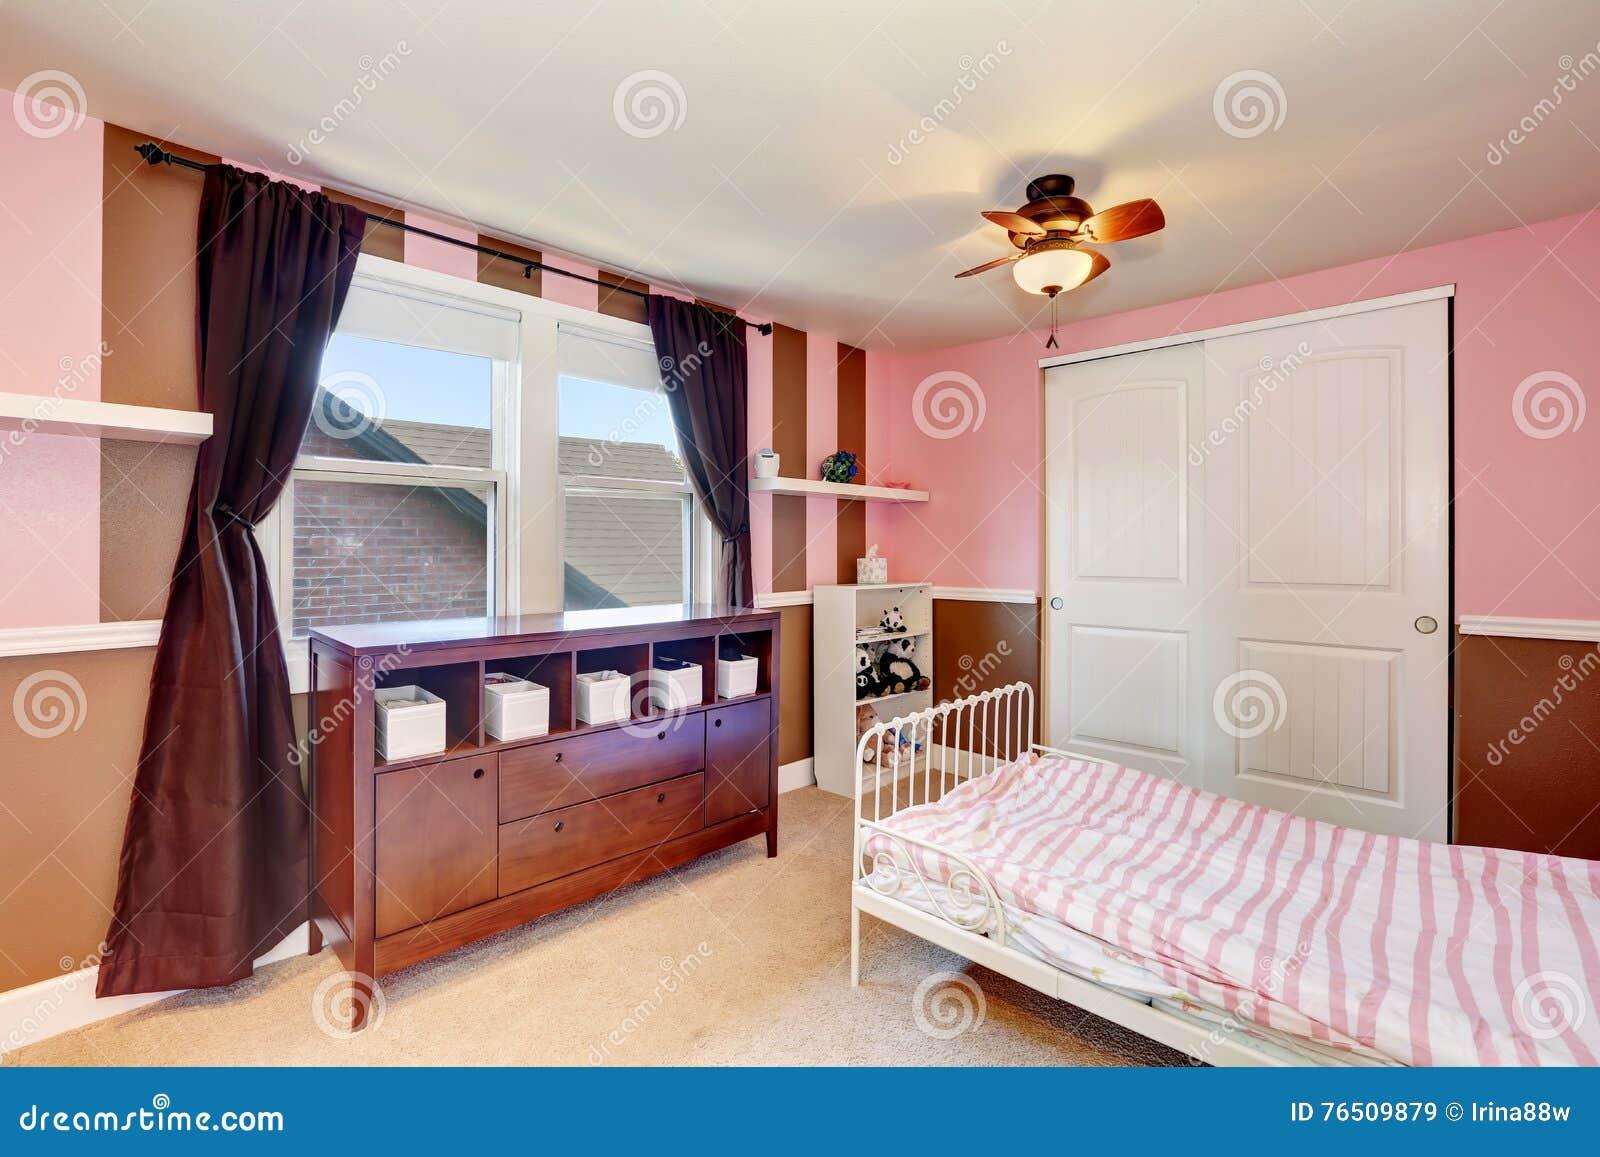 Pareti Rosa Camera Da Letto : Progettazione di minimalistic di kid interno della camera da